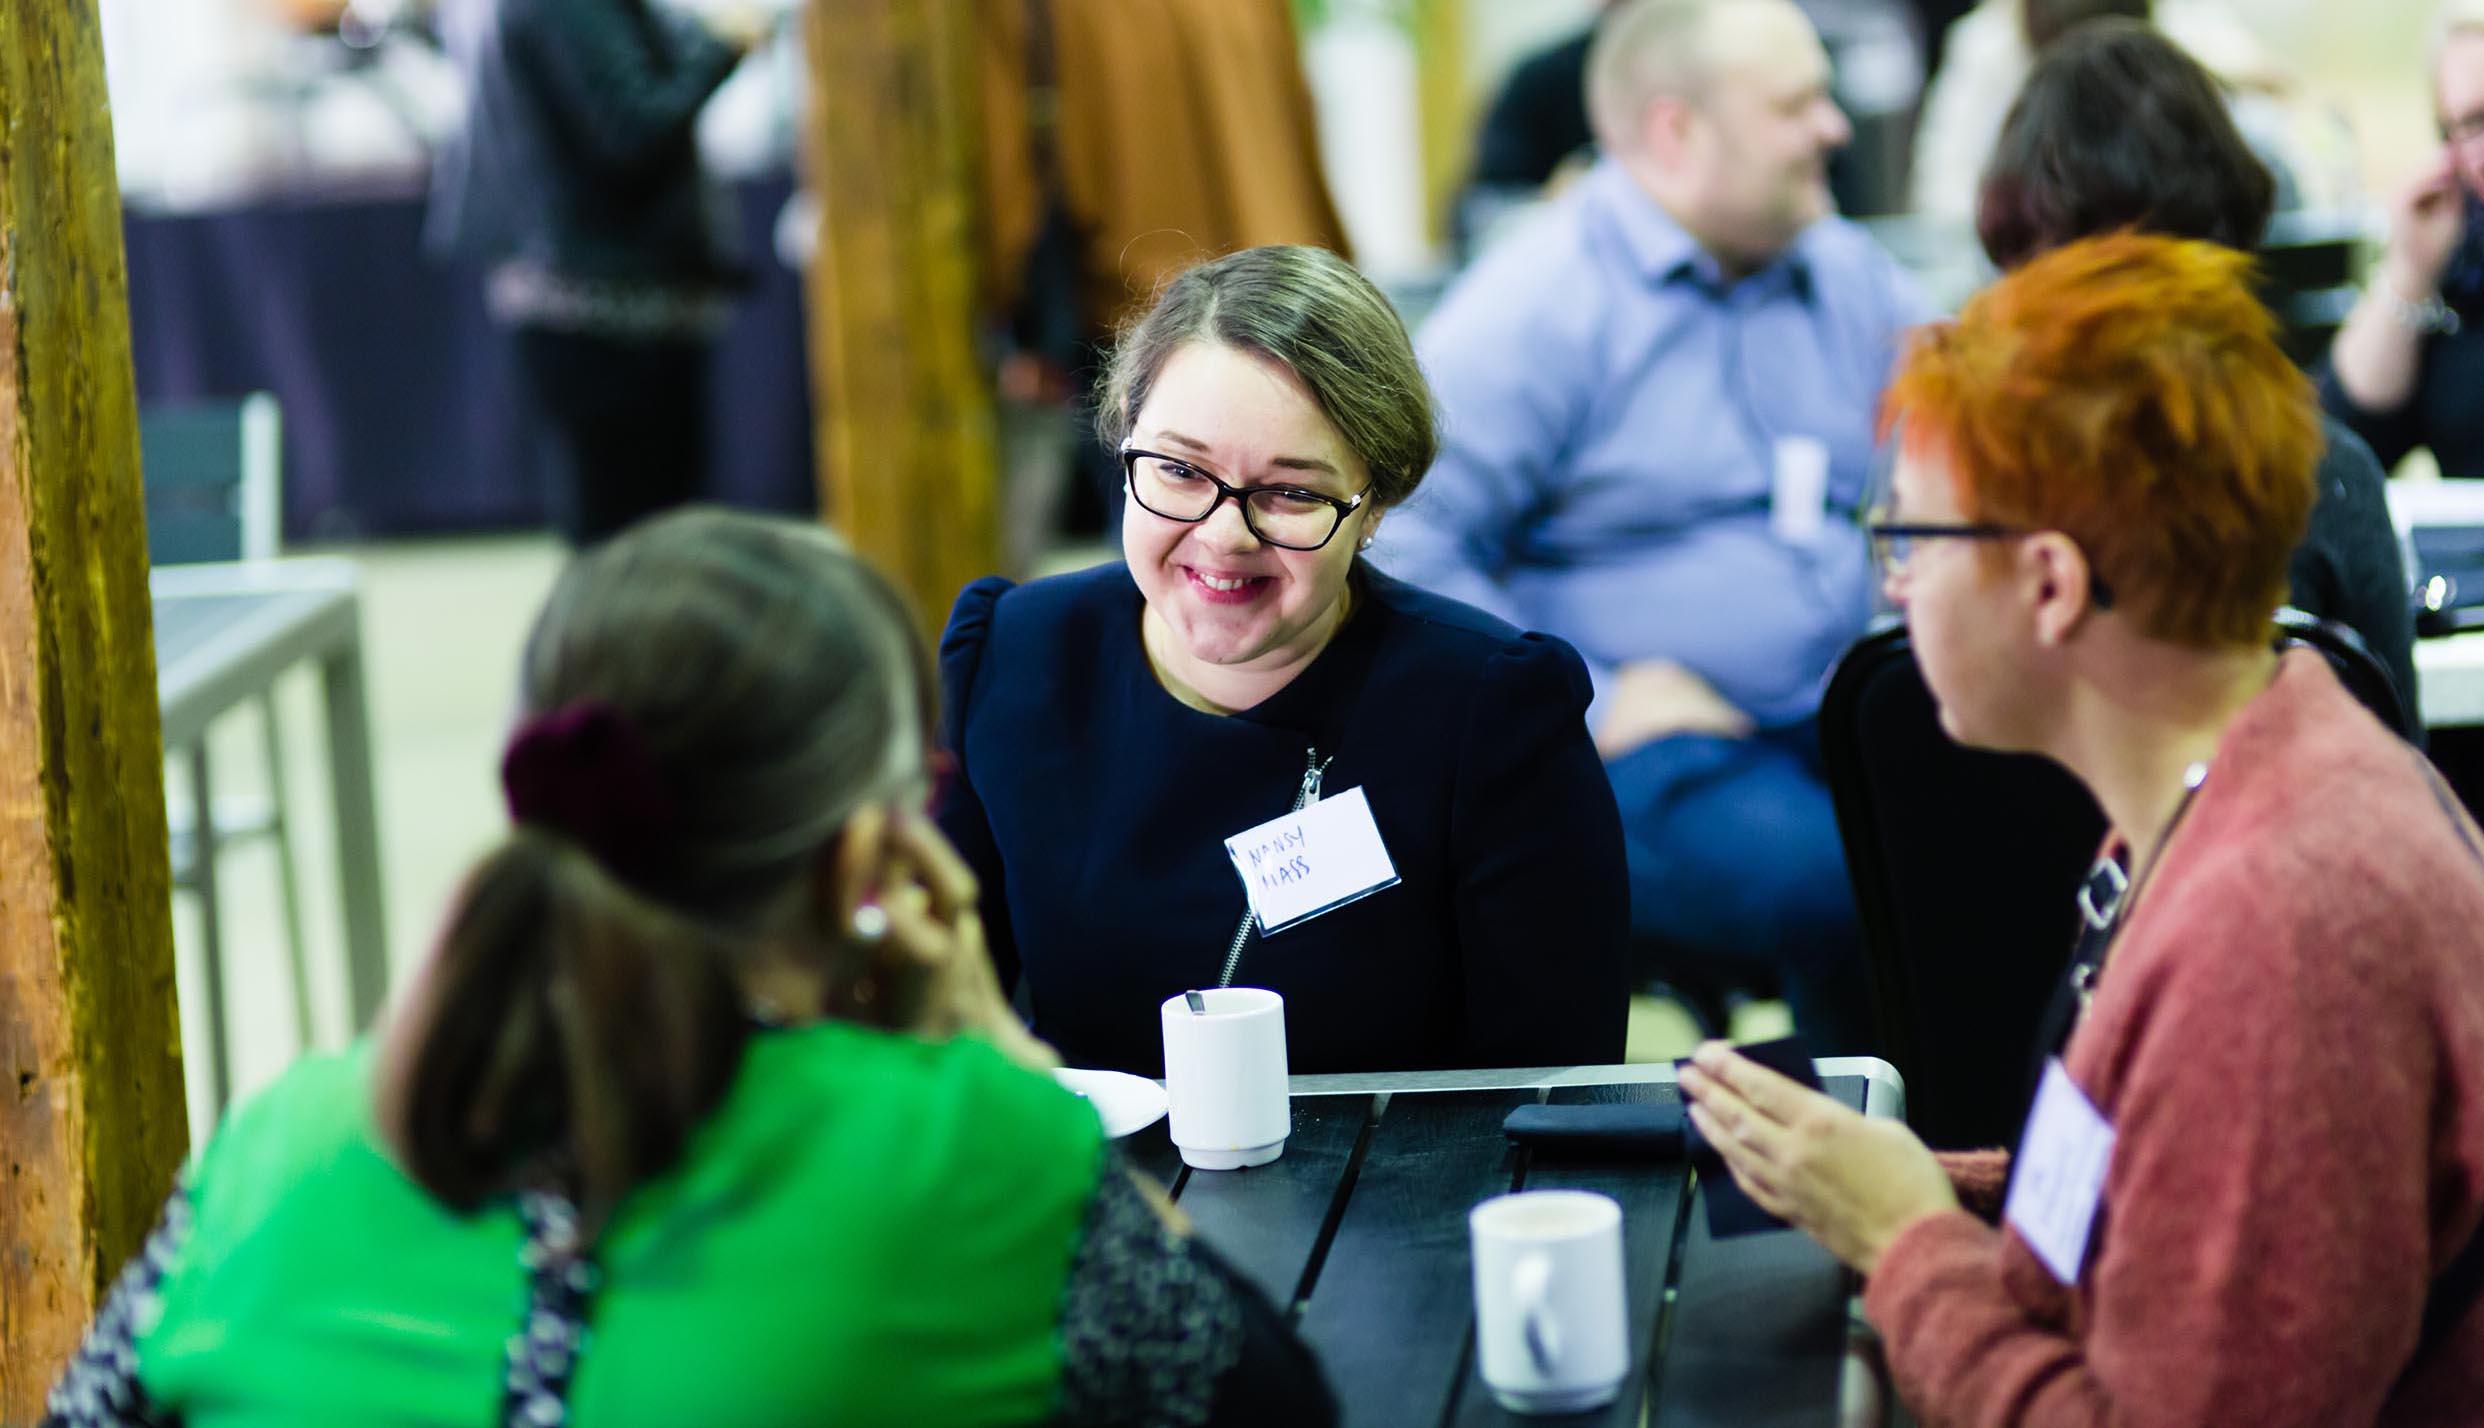 Kolme naista istuu pöydän ympärillä ja keskustelee, kasvot kameraan päin oleva nainen hymyilee.